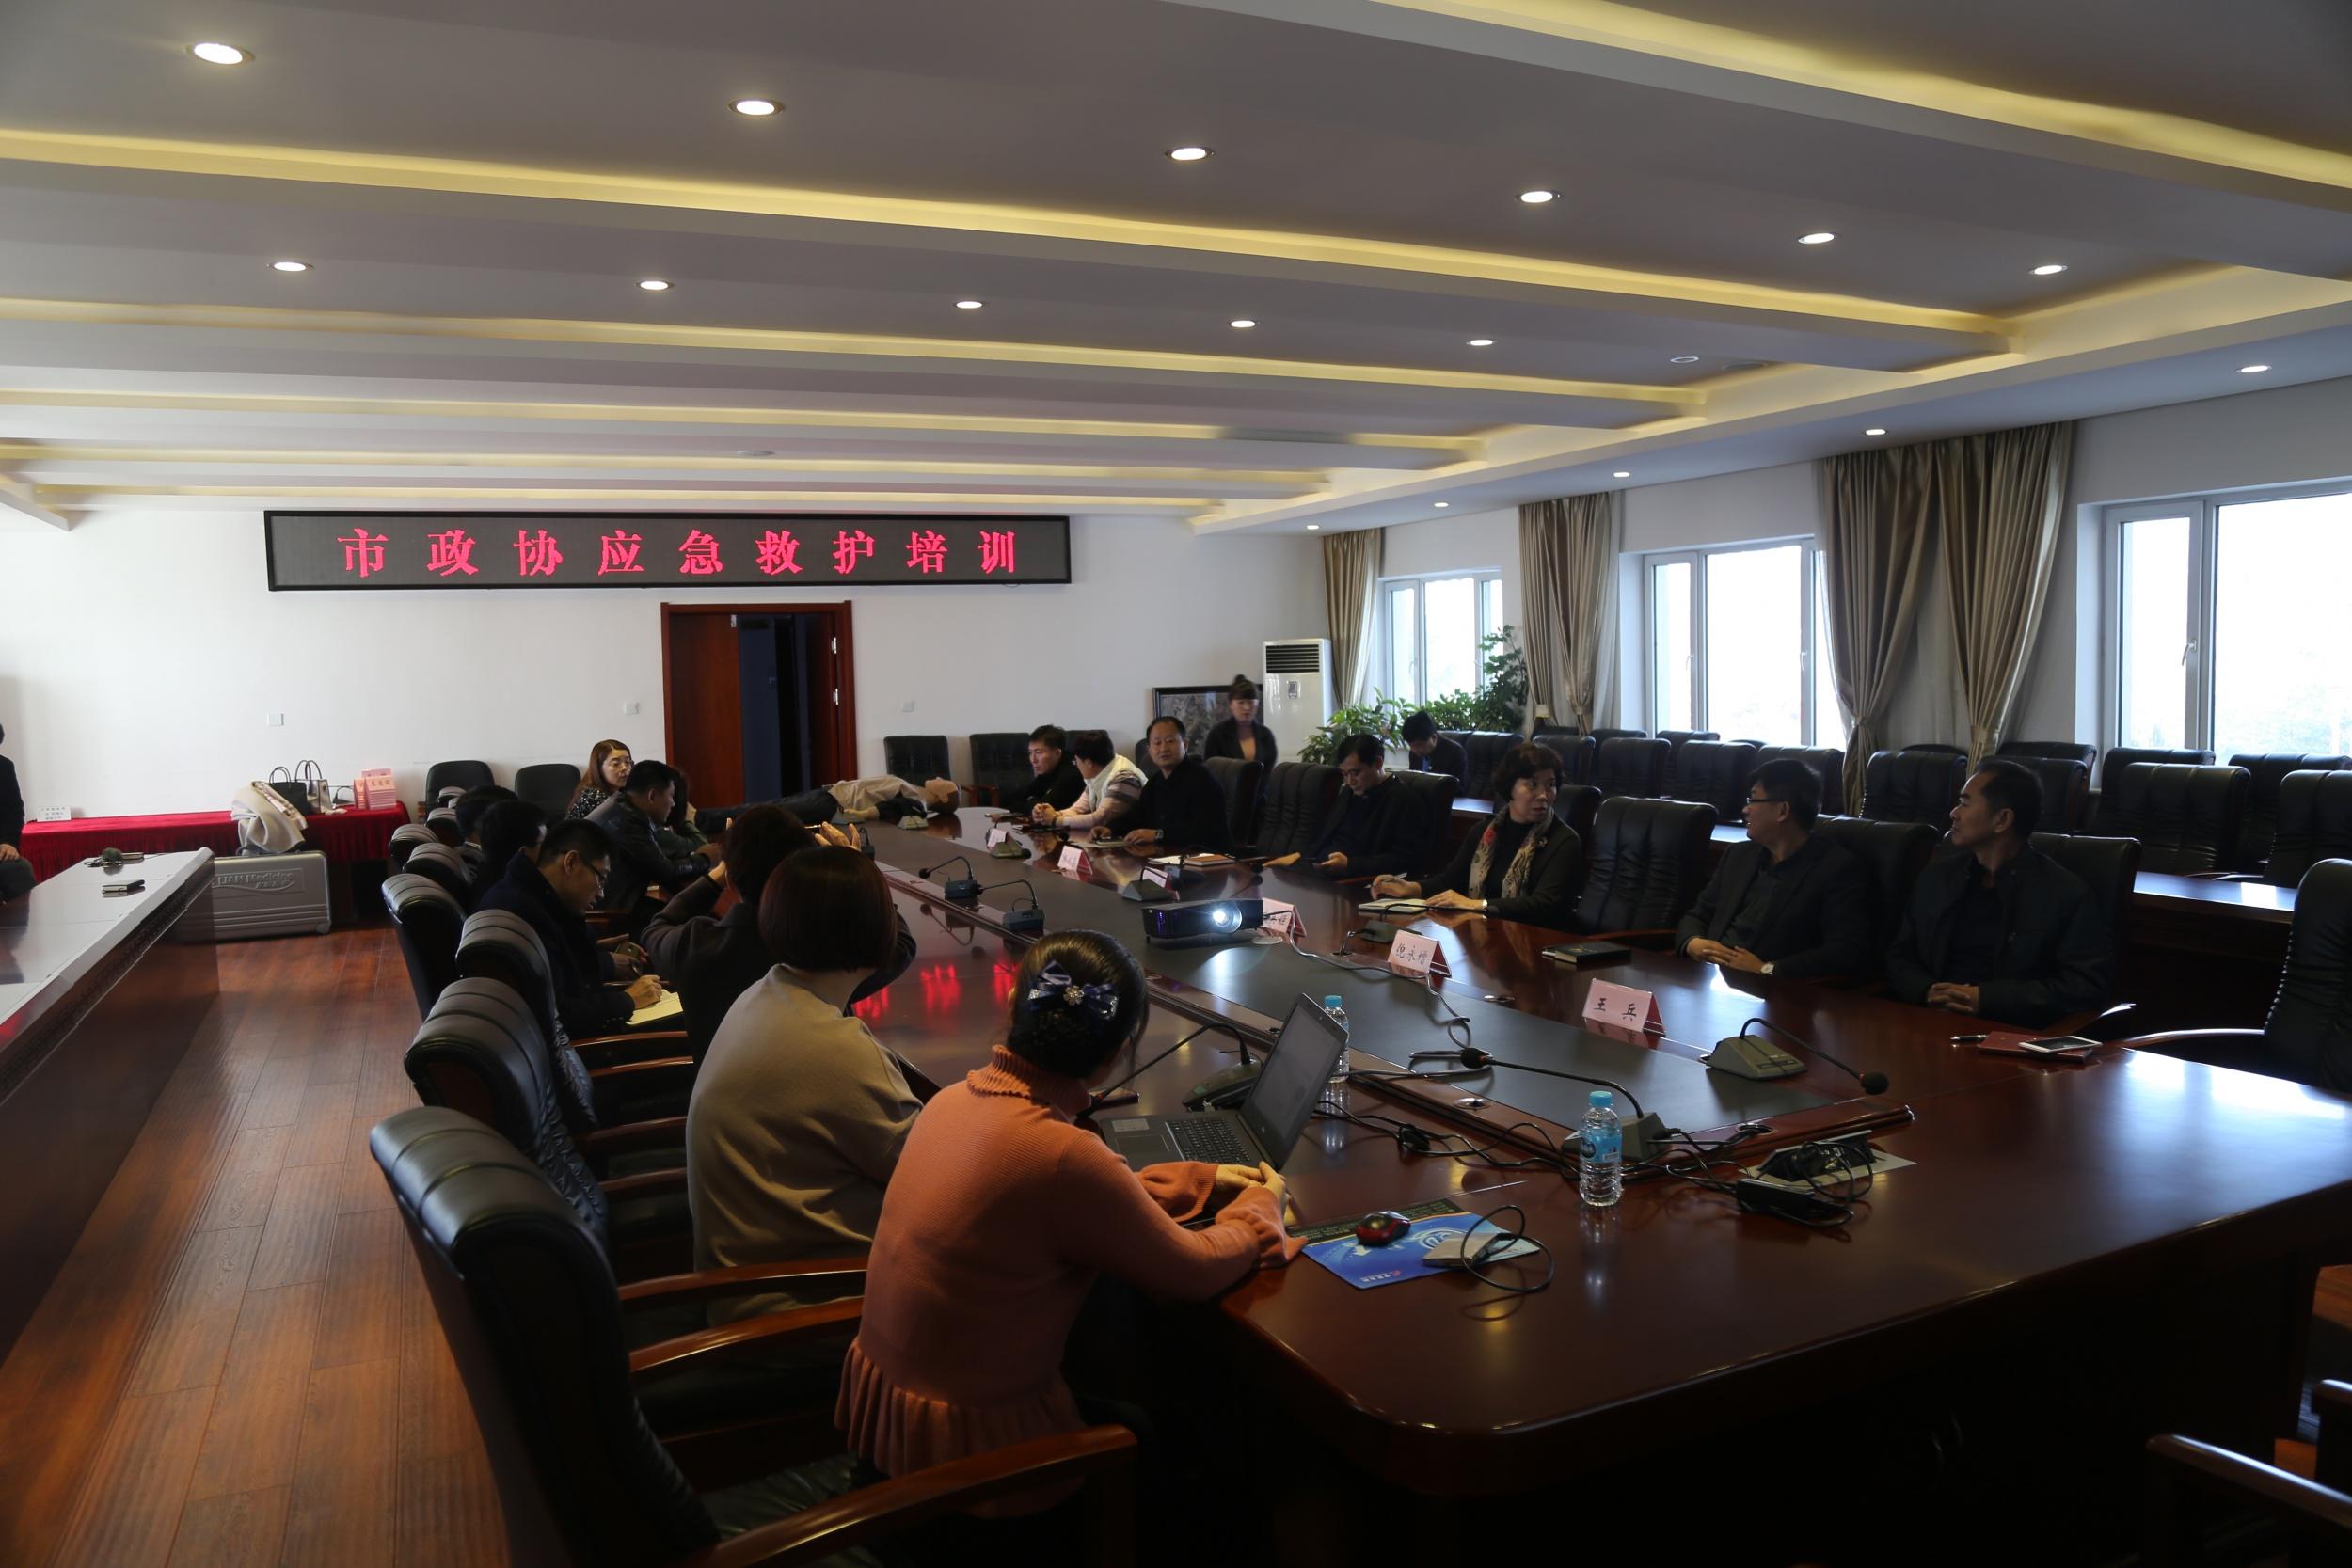 琿春市政協舉行機關應急救助專題培訓